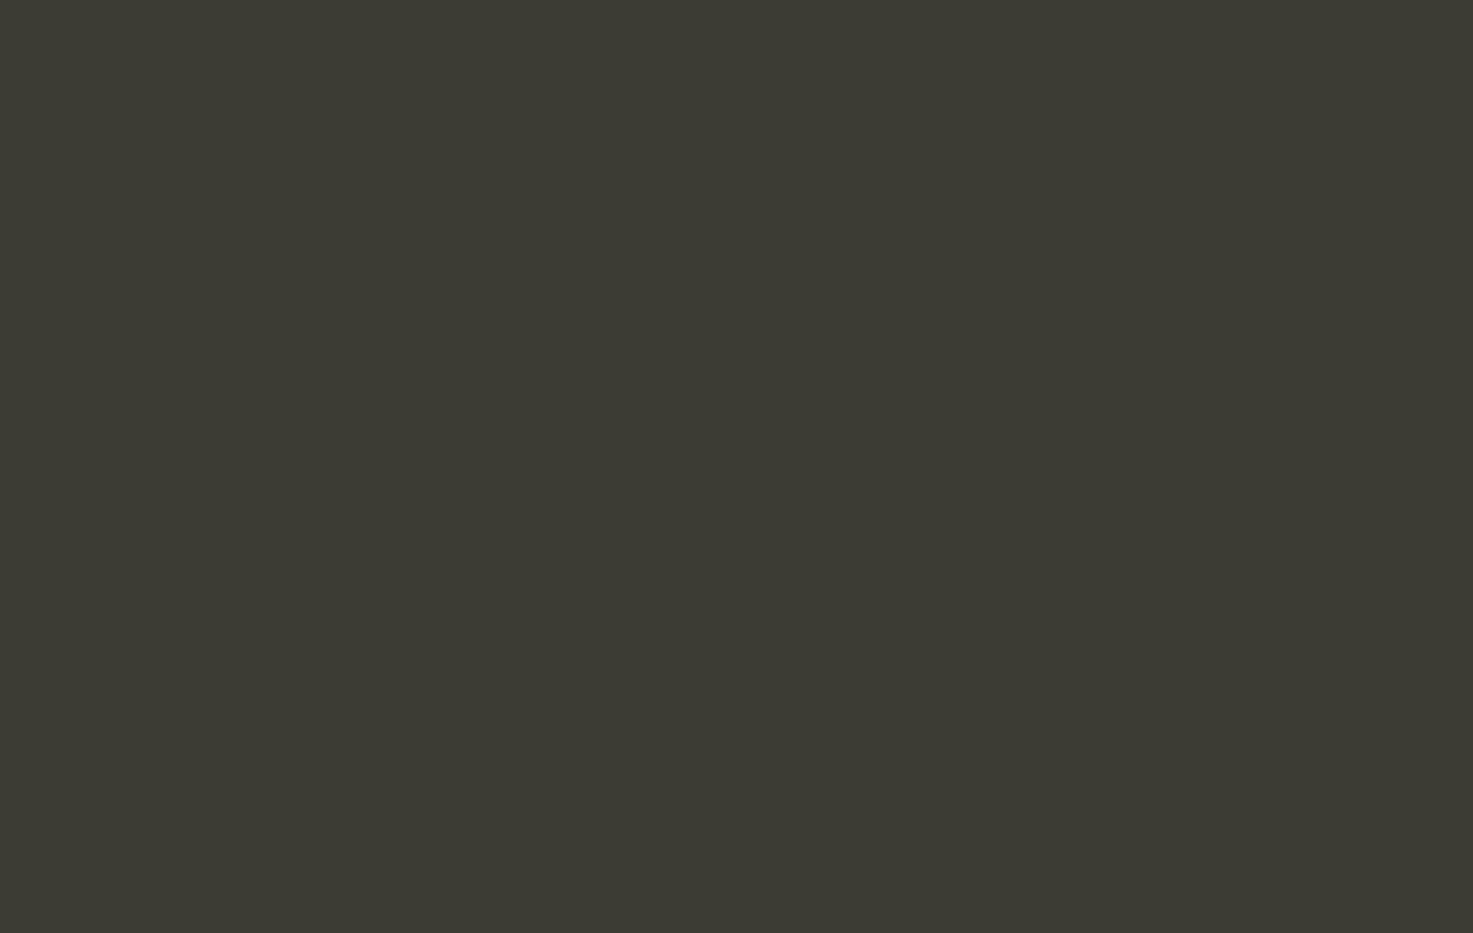 grigio 578